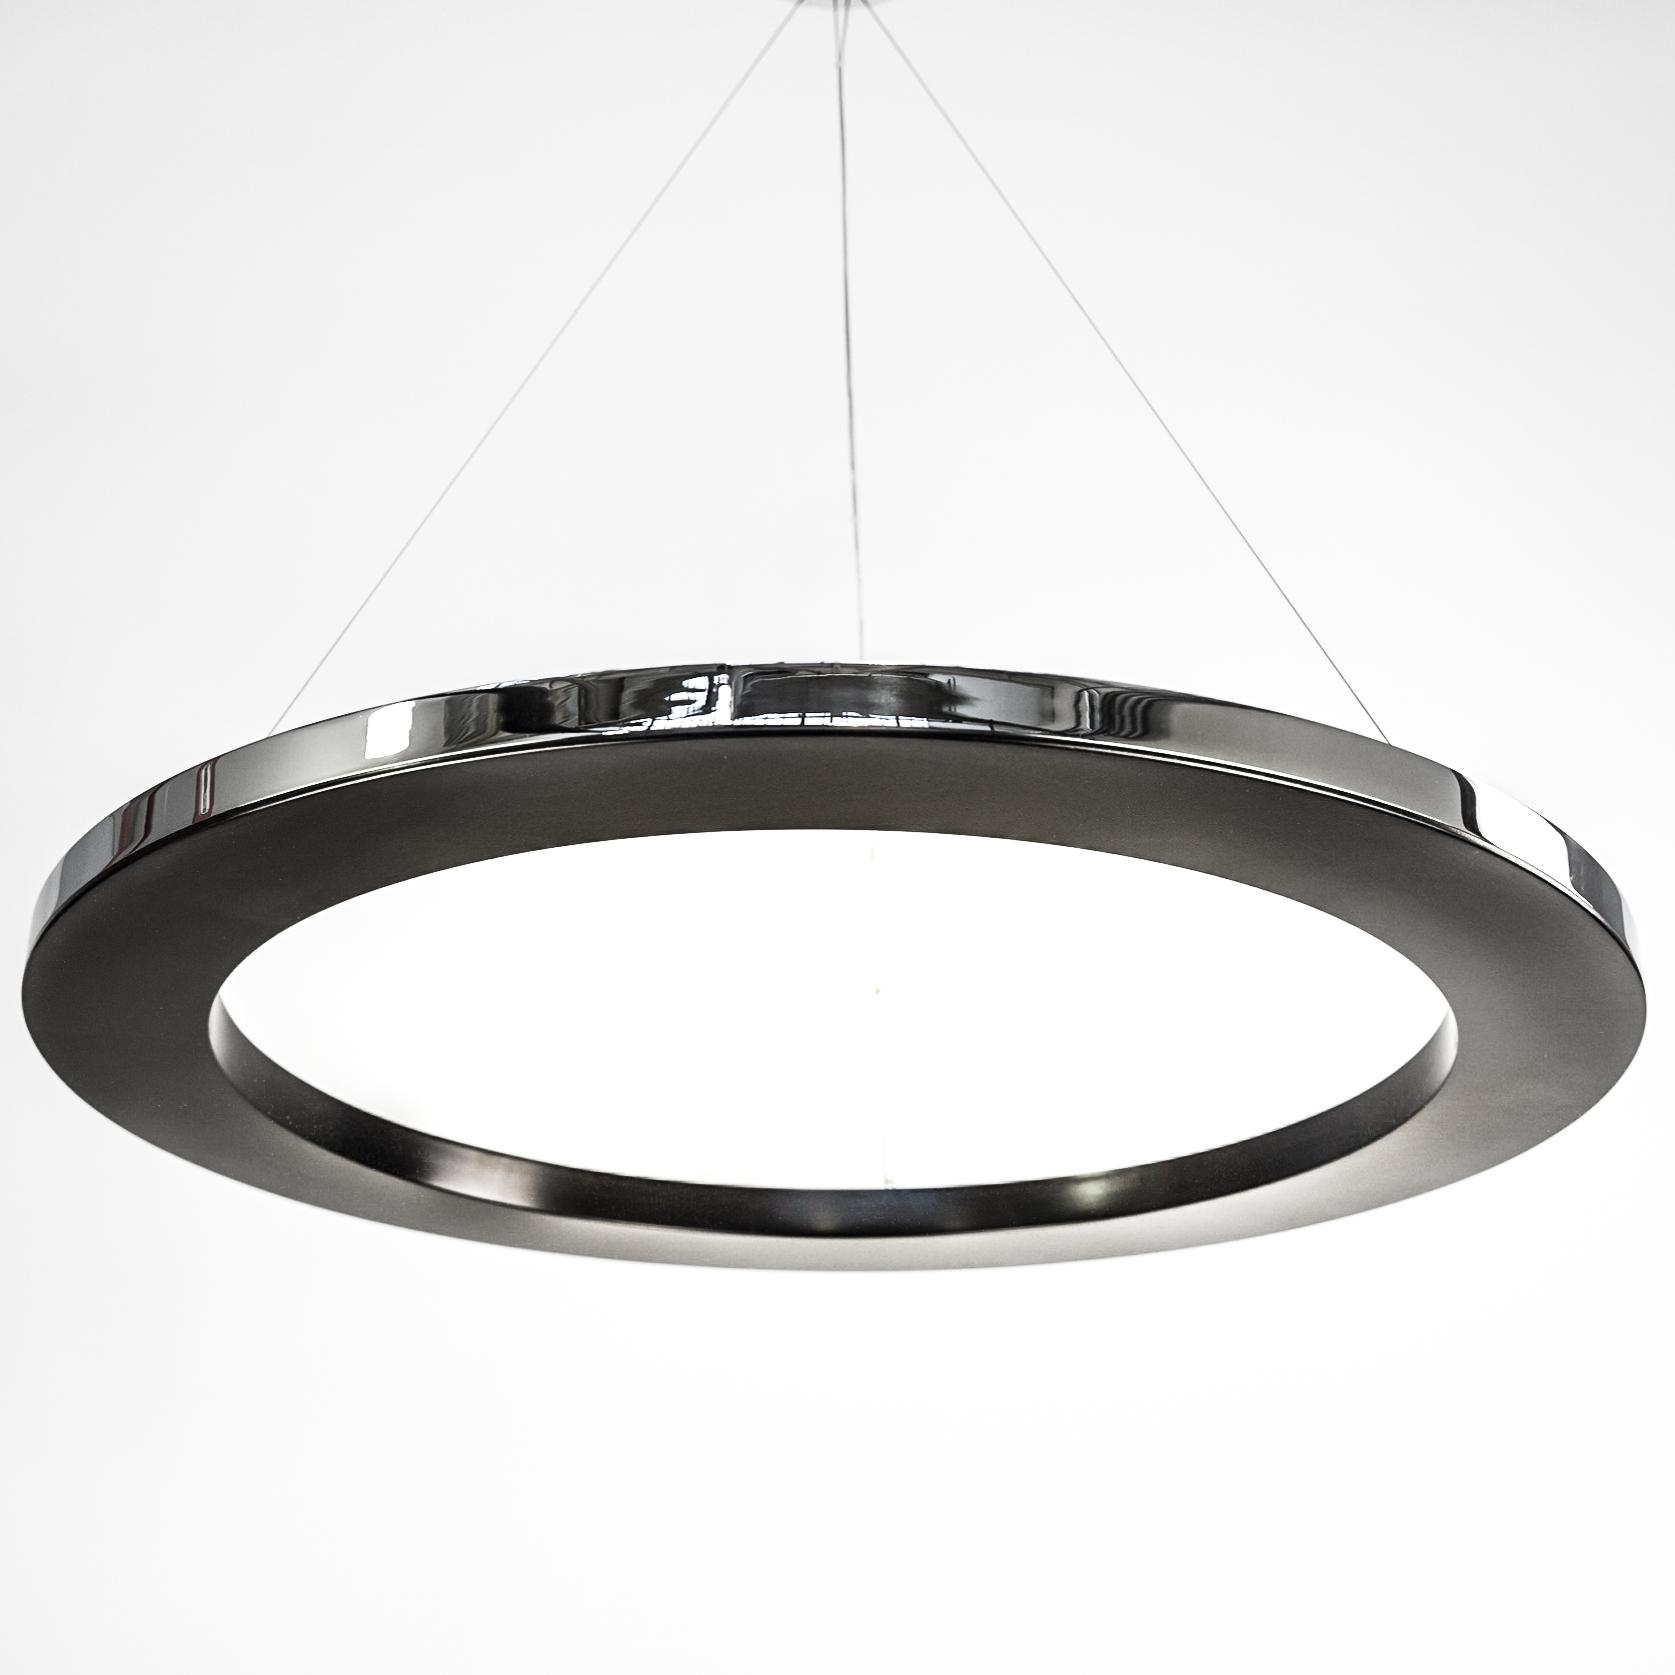 Copy of NUMI chandelier - 48in